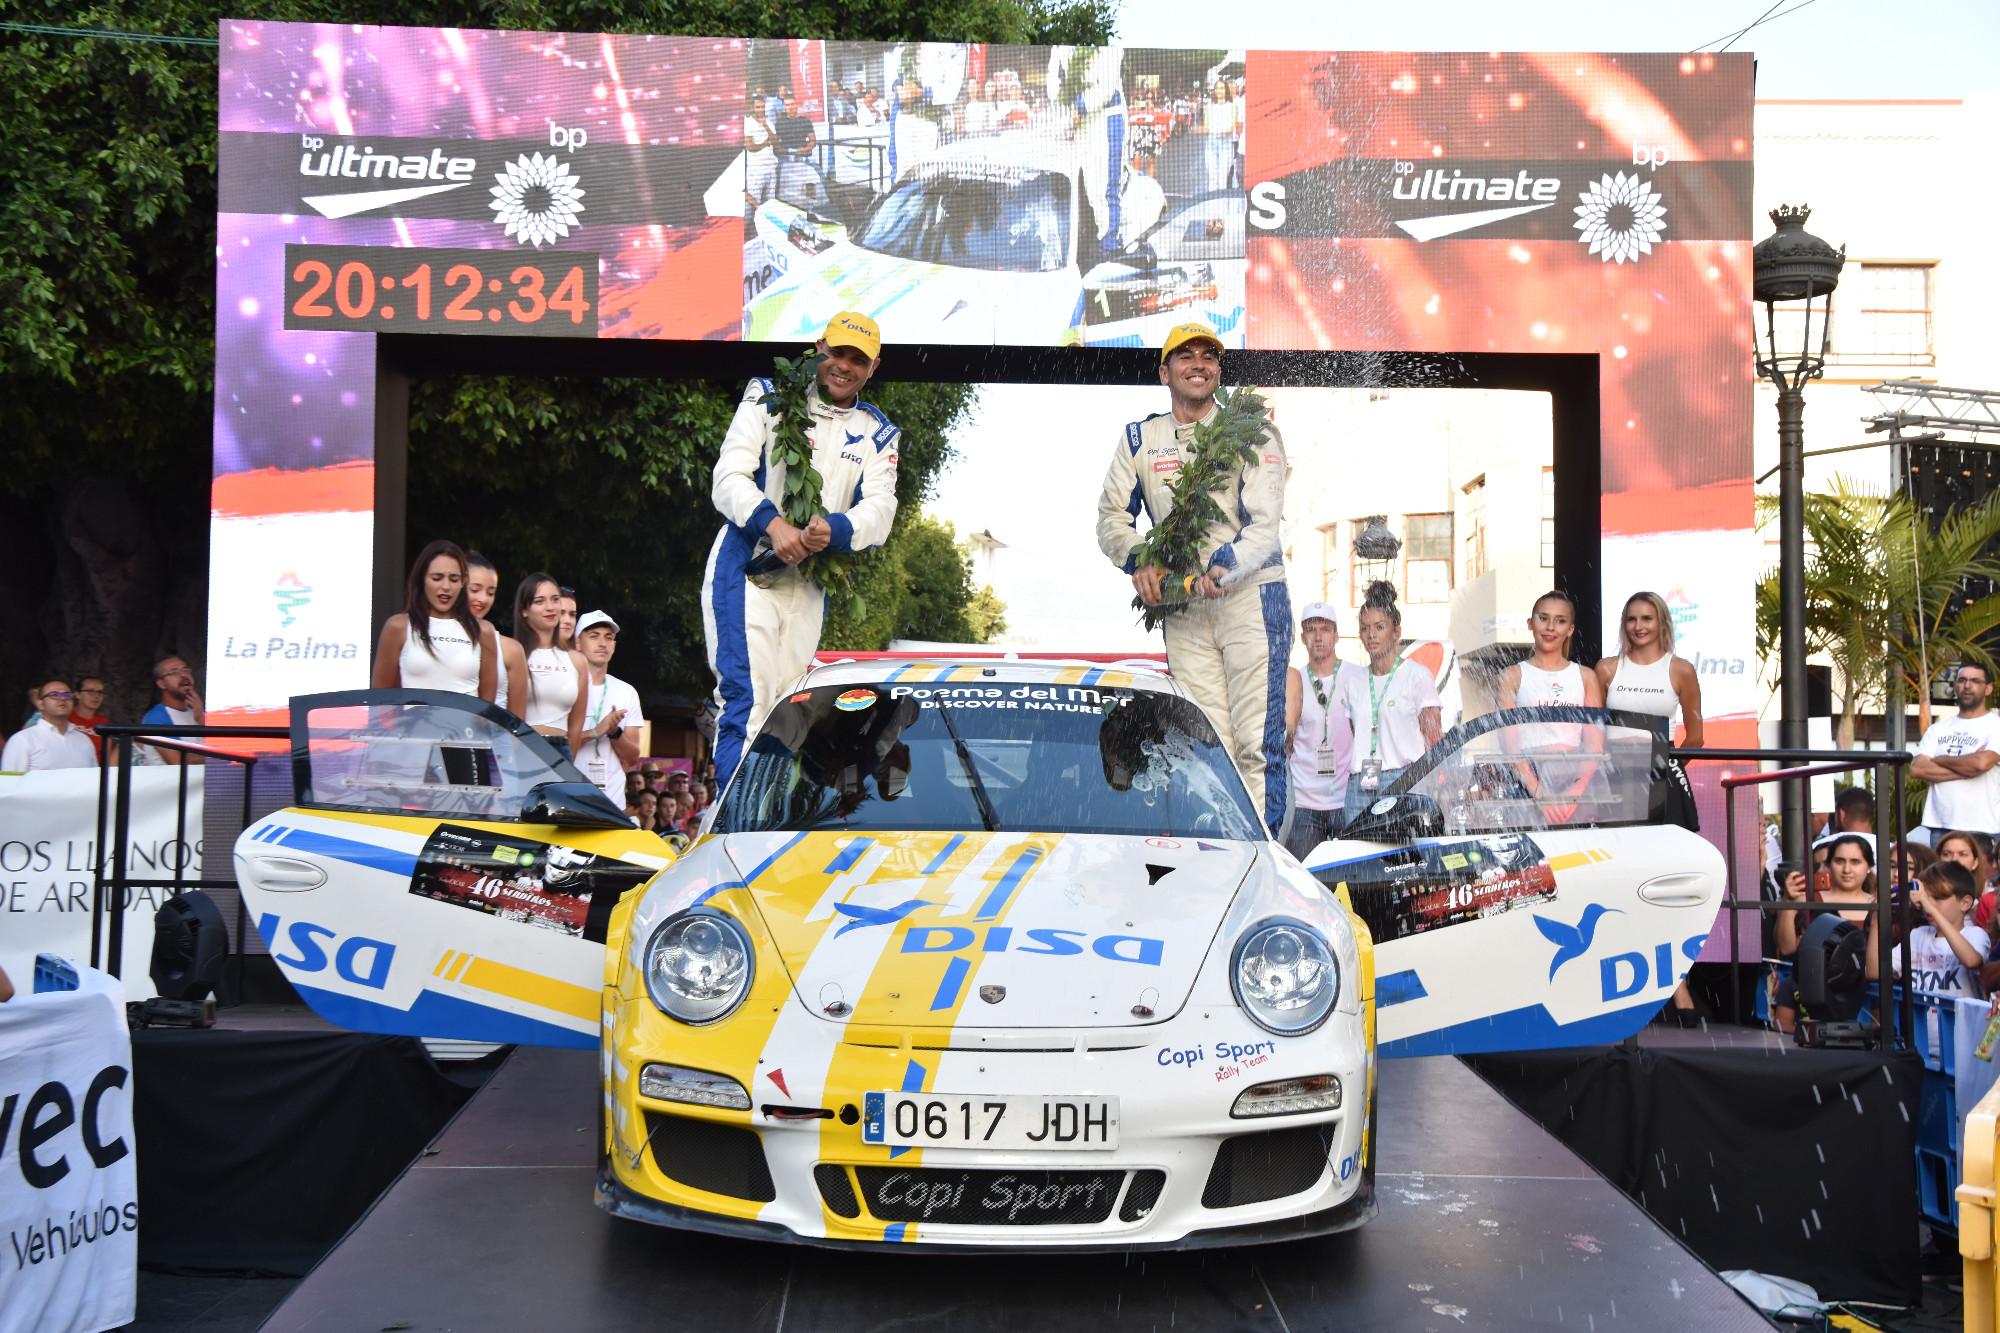 📢 Meritoria segunda posición de Enrique Cruz y Yeray Mújica en el 🏁 Rallye Senderos.